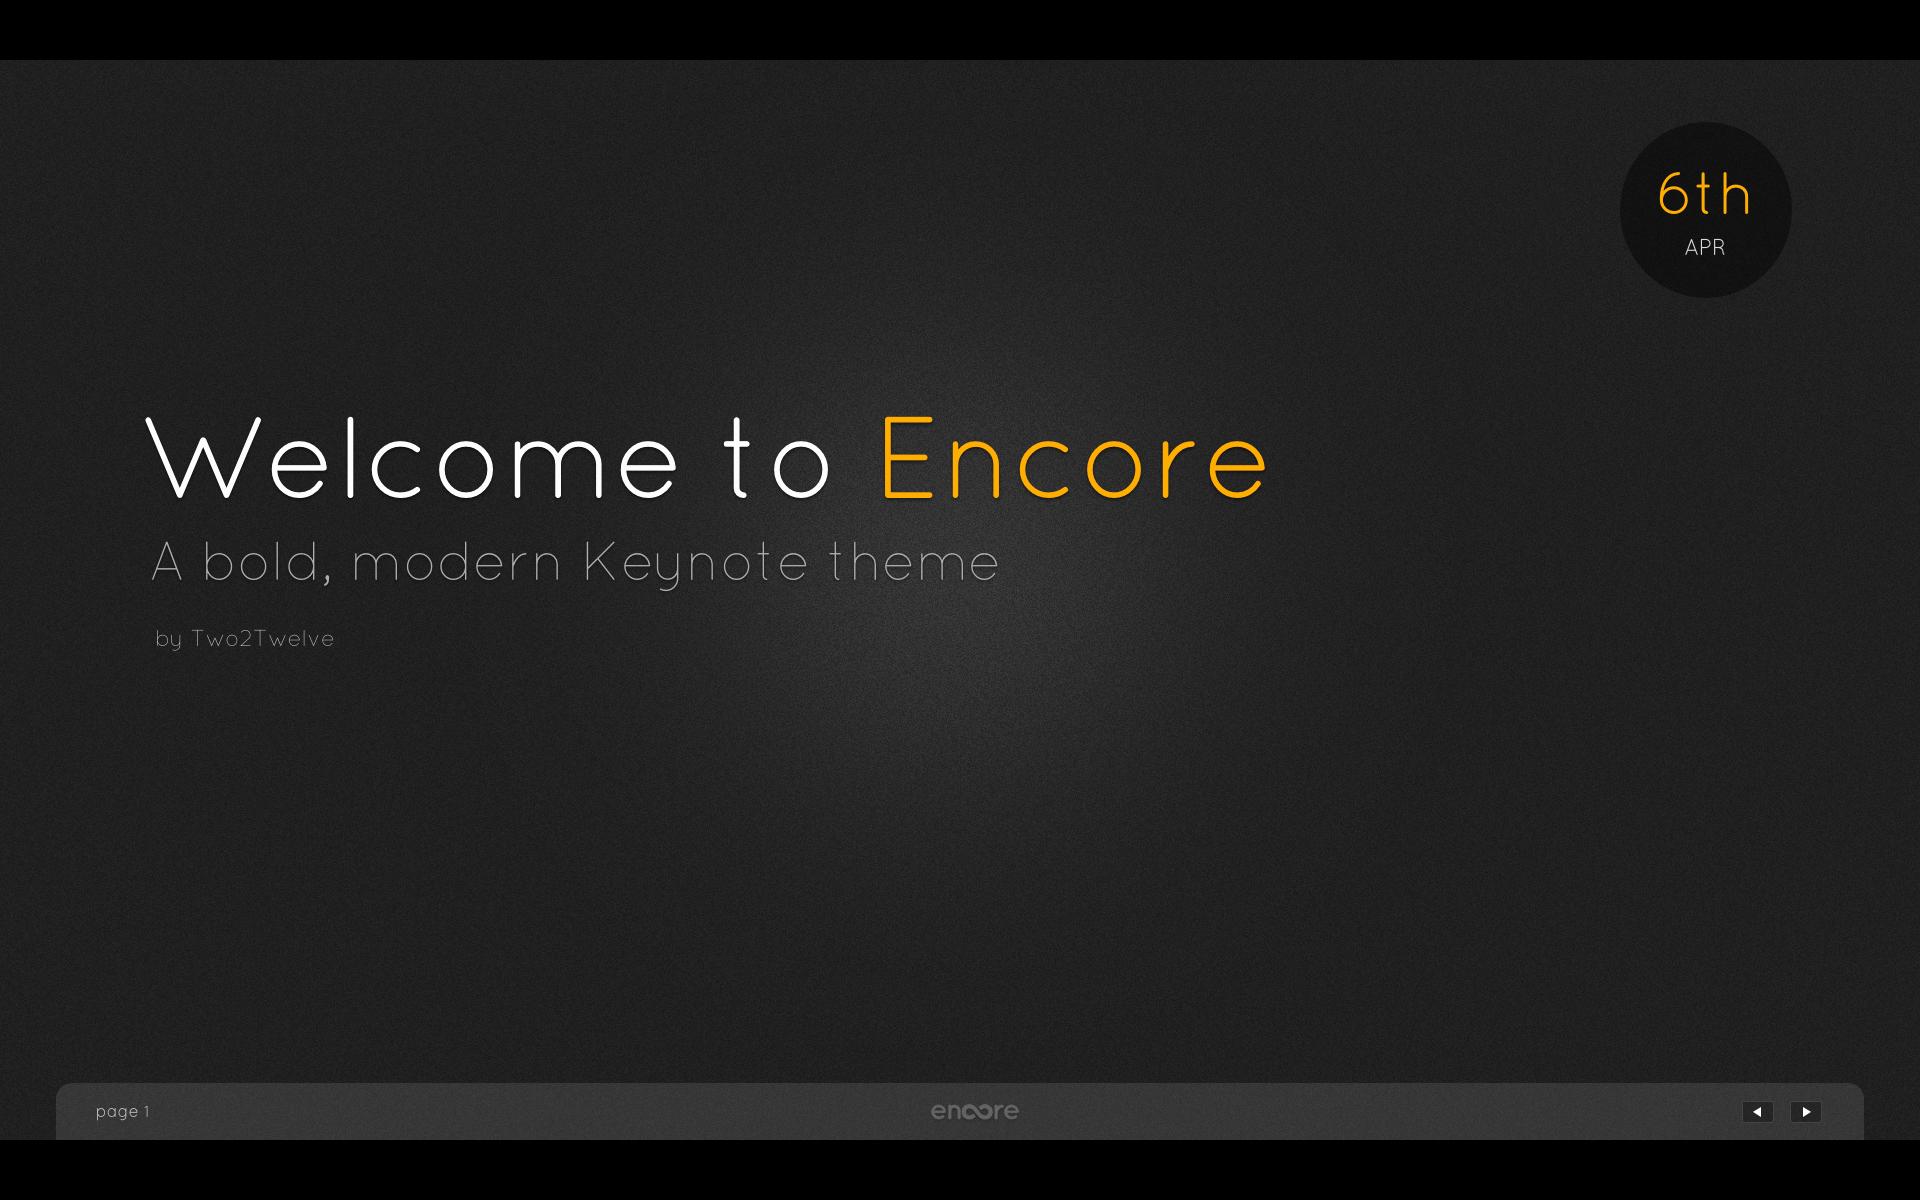 Encore Menu Template Unique Encore Keynote Presentation Template by Two2twelve